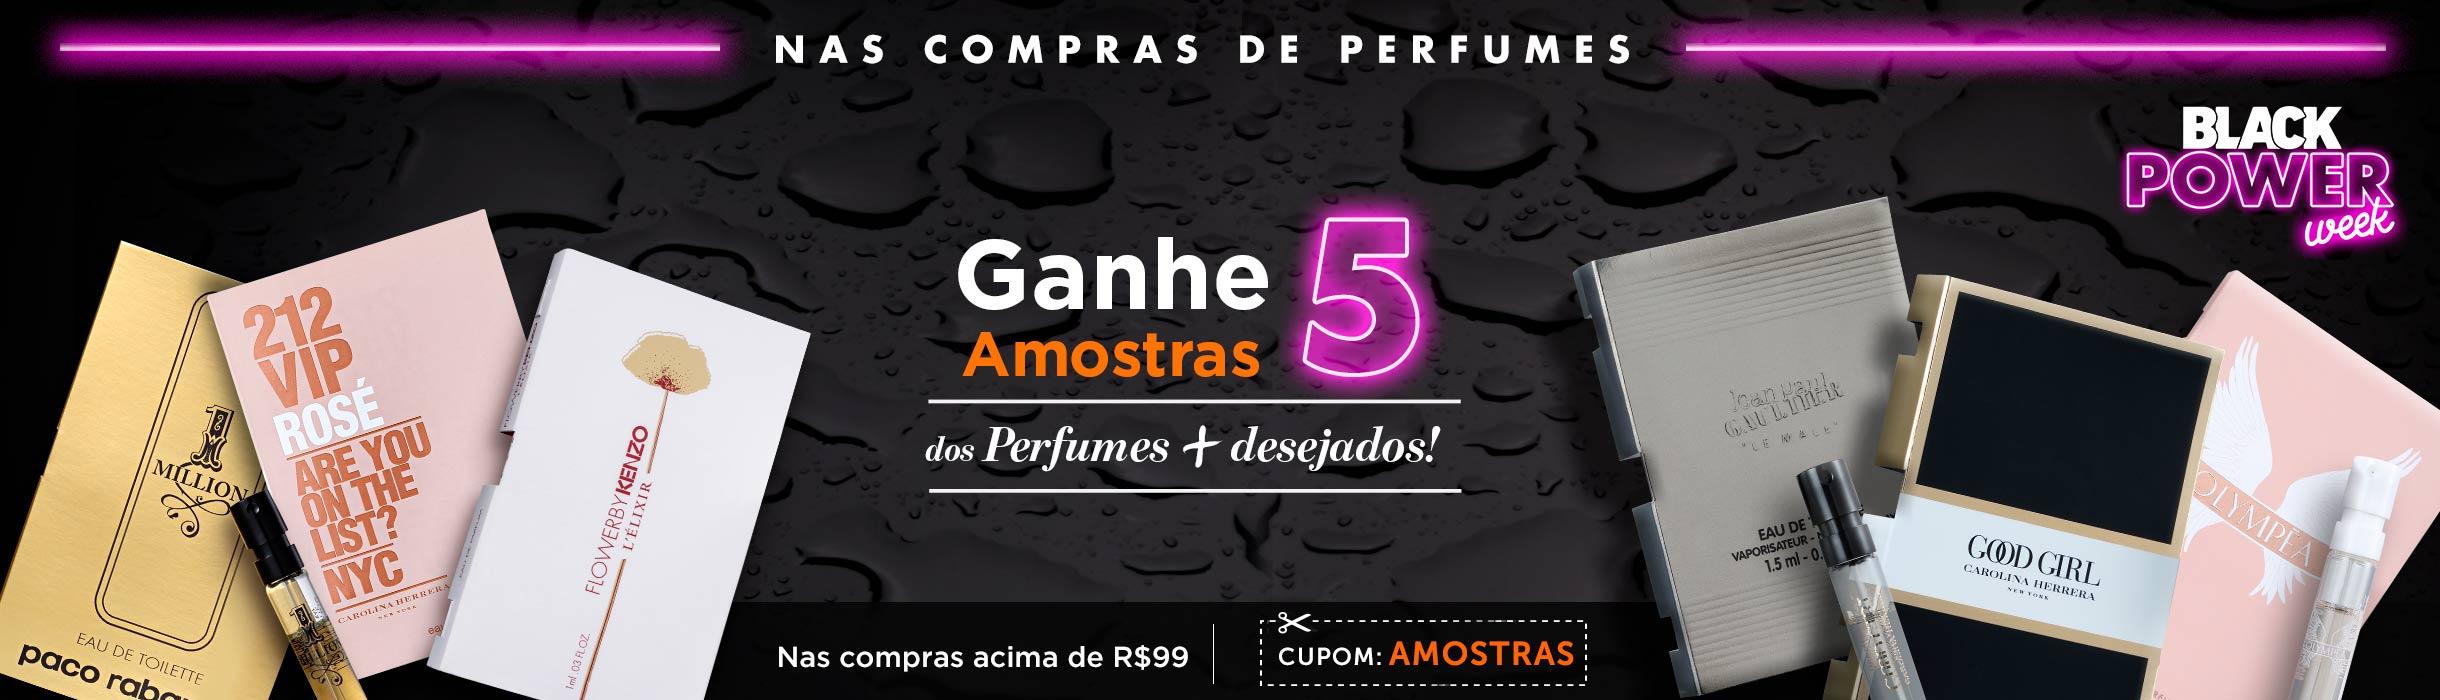 Promoção em Perfumes na Black Friday